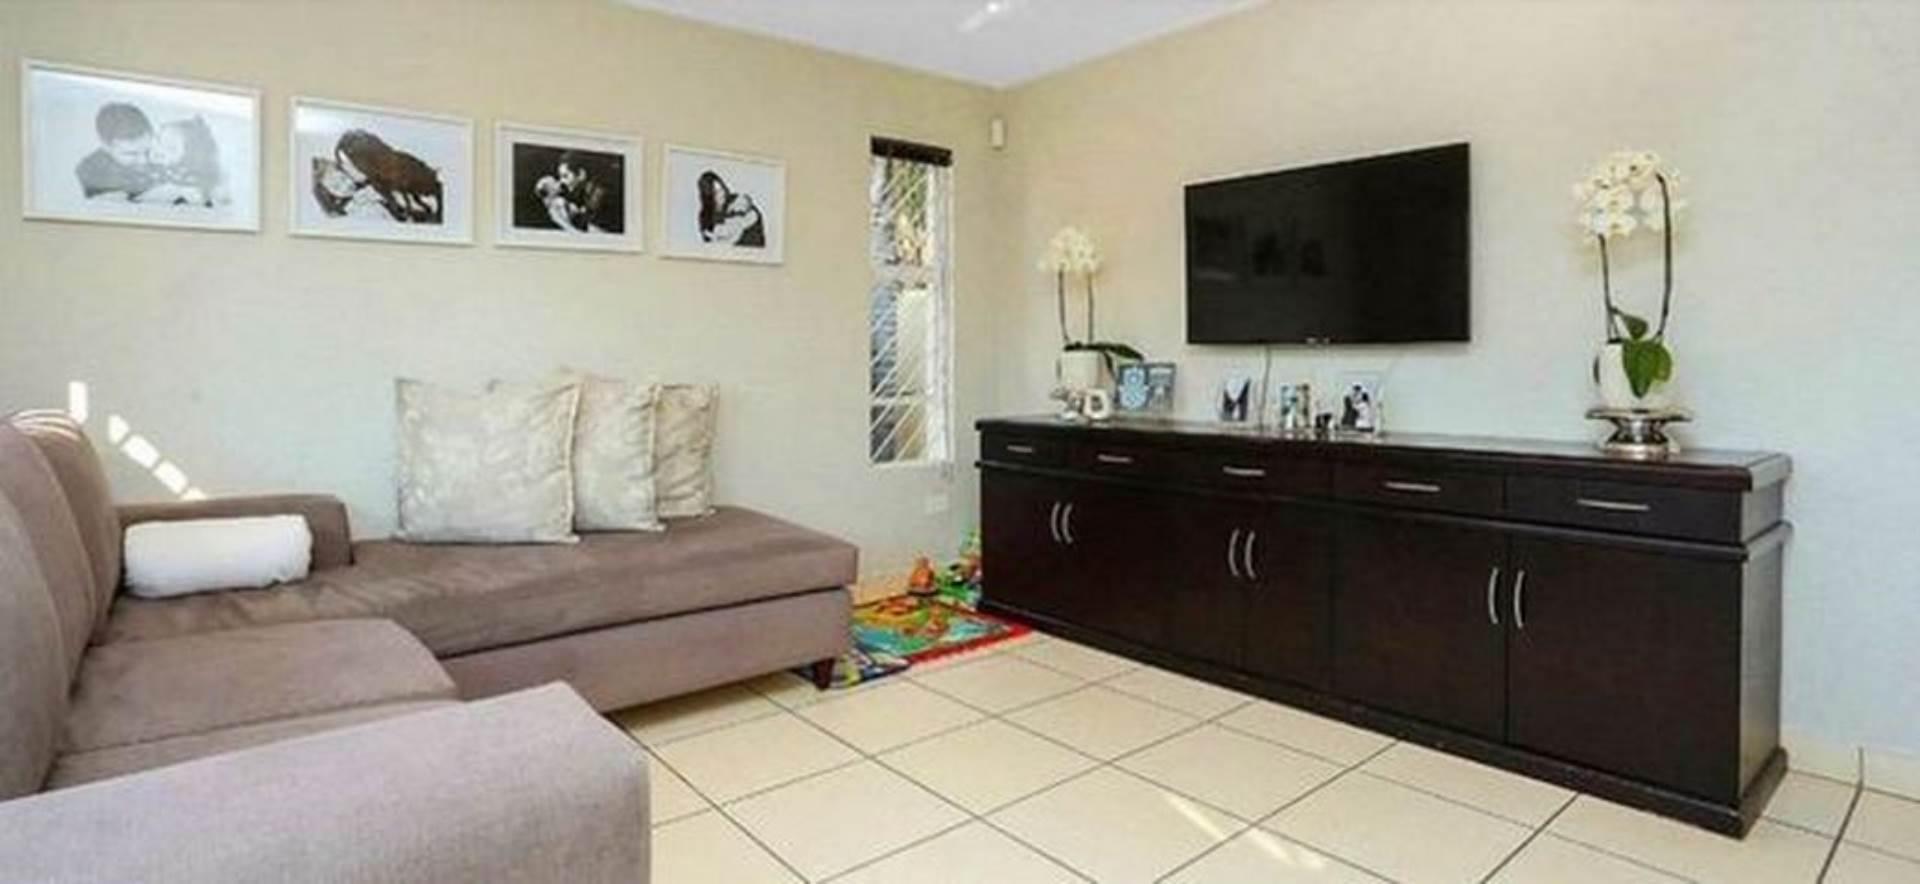 3 BedroomCluster To Rent In Glenhazel